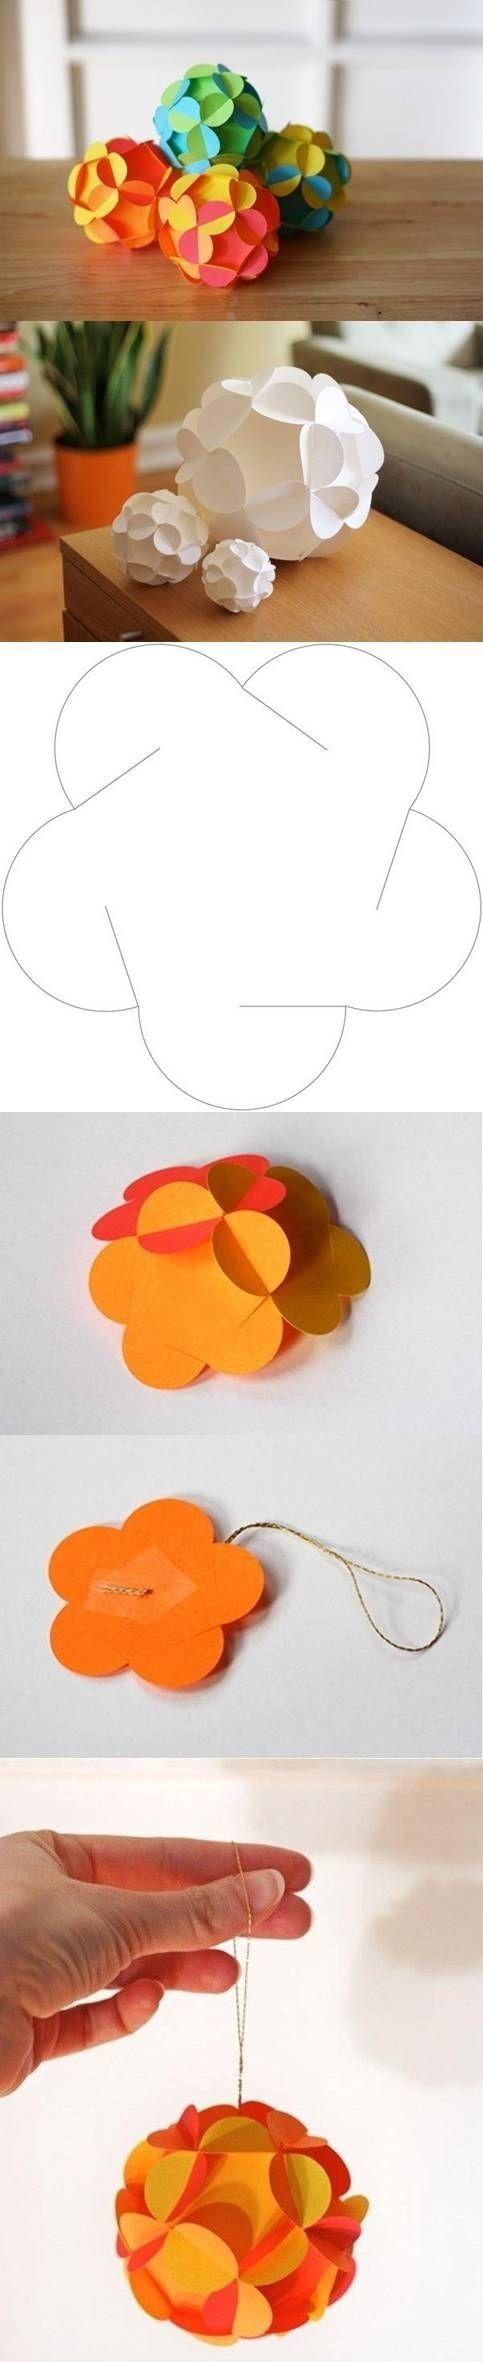 Bola de papel- decoração